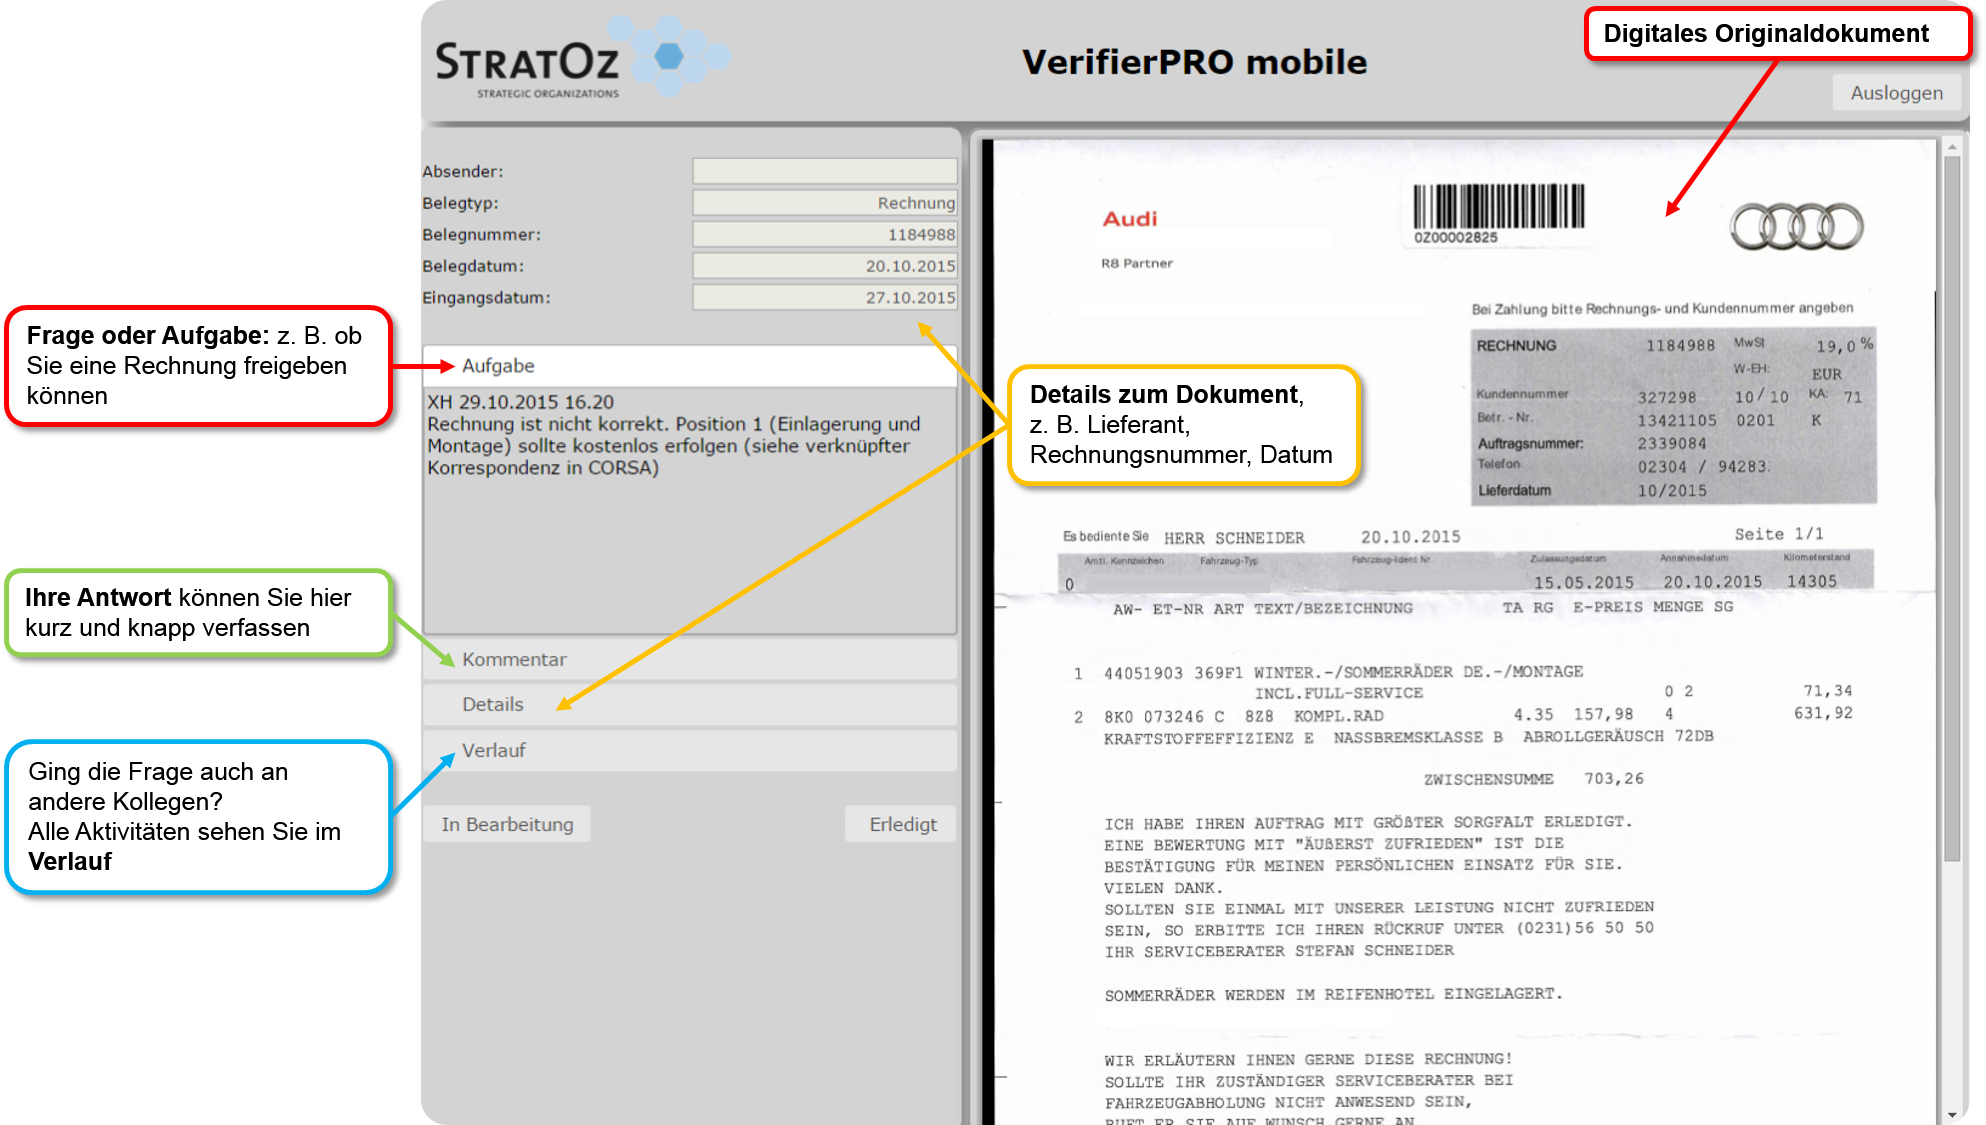 VerifierPRO mobile - kommentiert